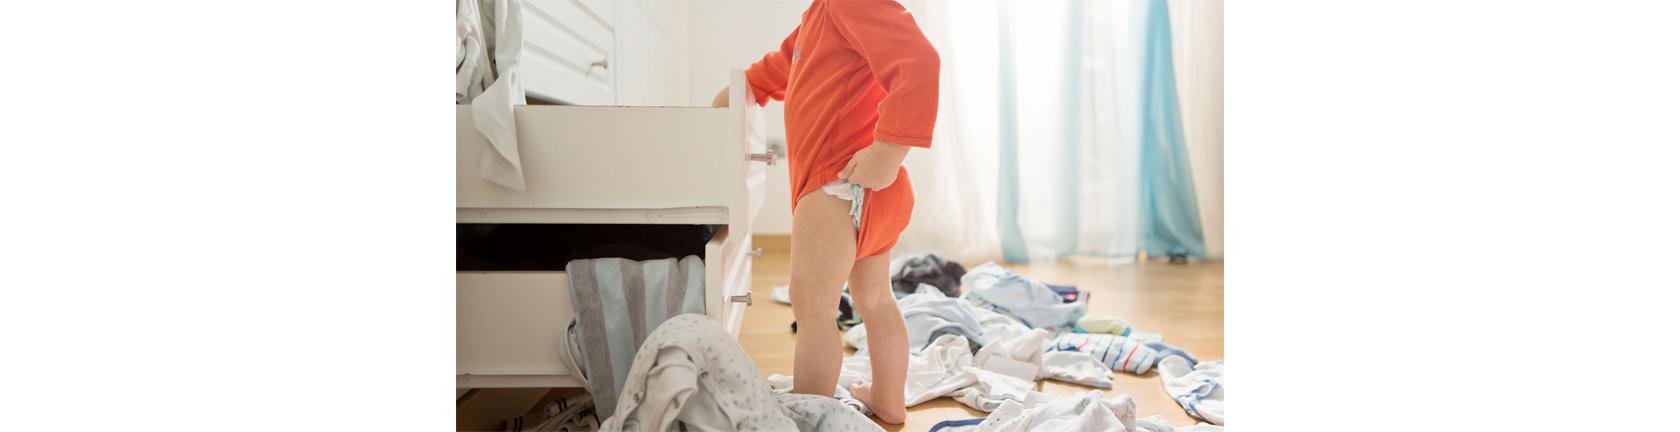 Ein Baby steht vor einer geöffneten Kommode und zieht sich  sein Body zurecht, im Hintergrund liegt Kleidung auf dem Boden.